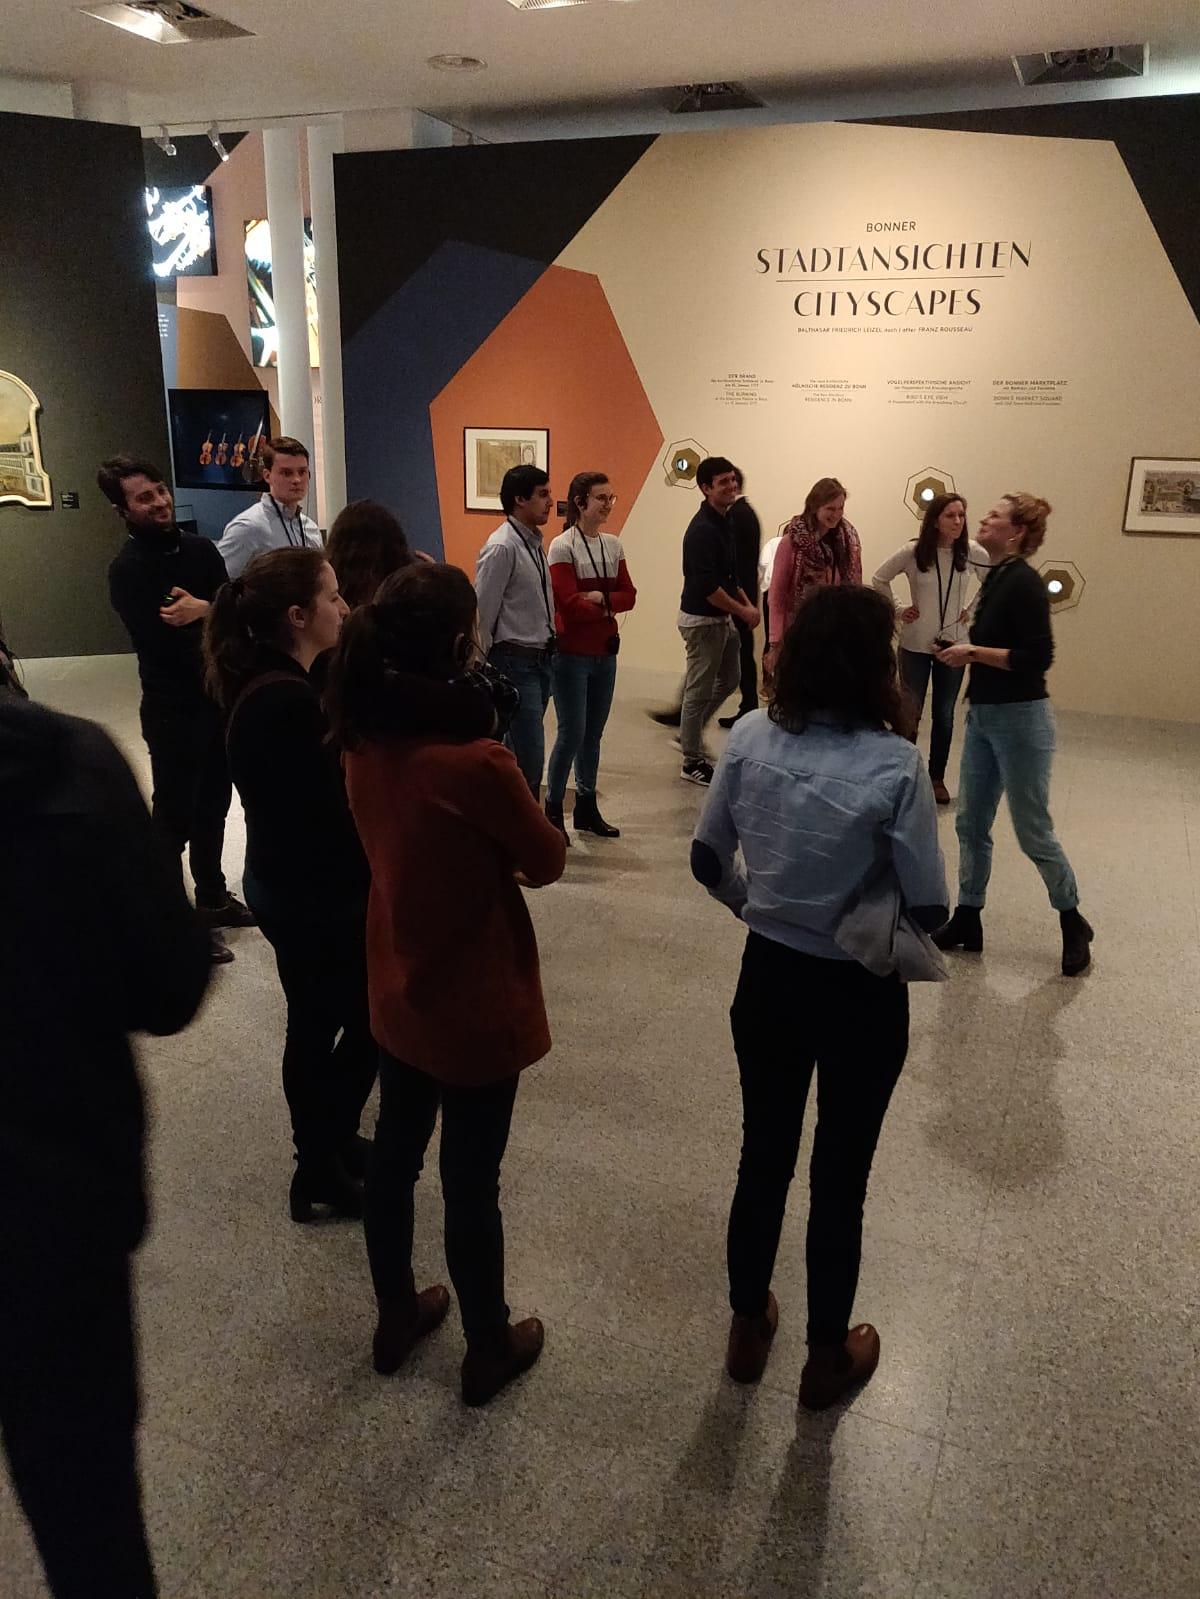 Besuch der Beethoven-Ausstellung im Haus der Geschichte (07.01.2020)